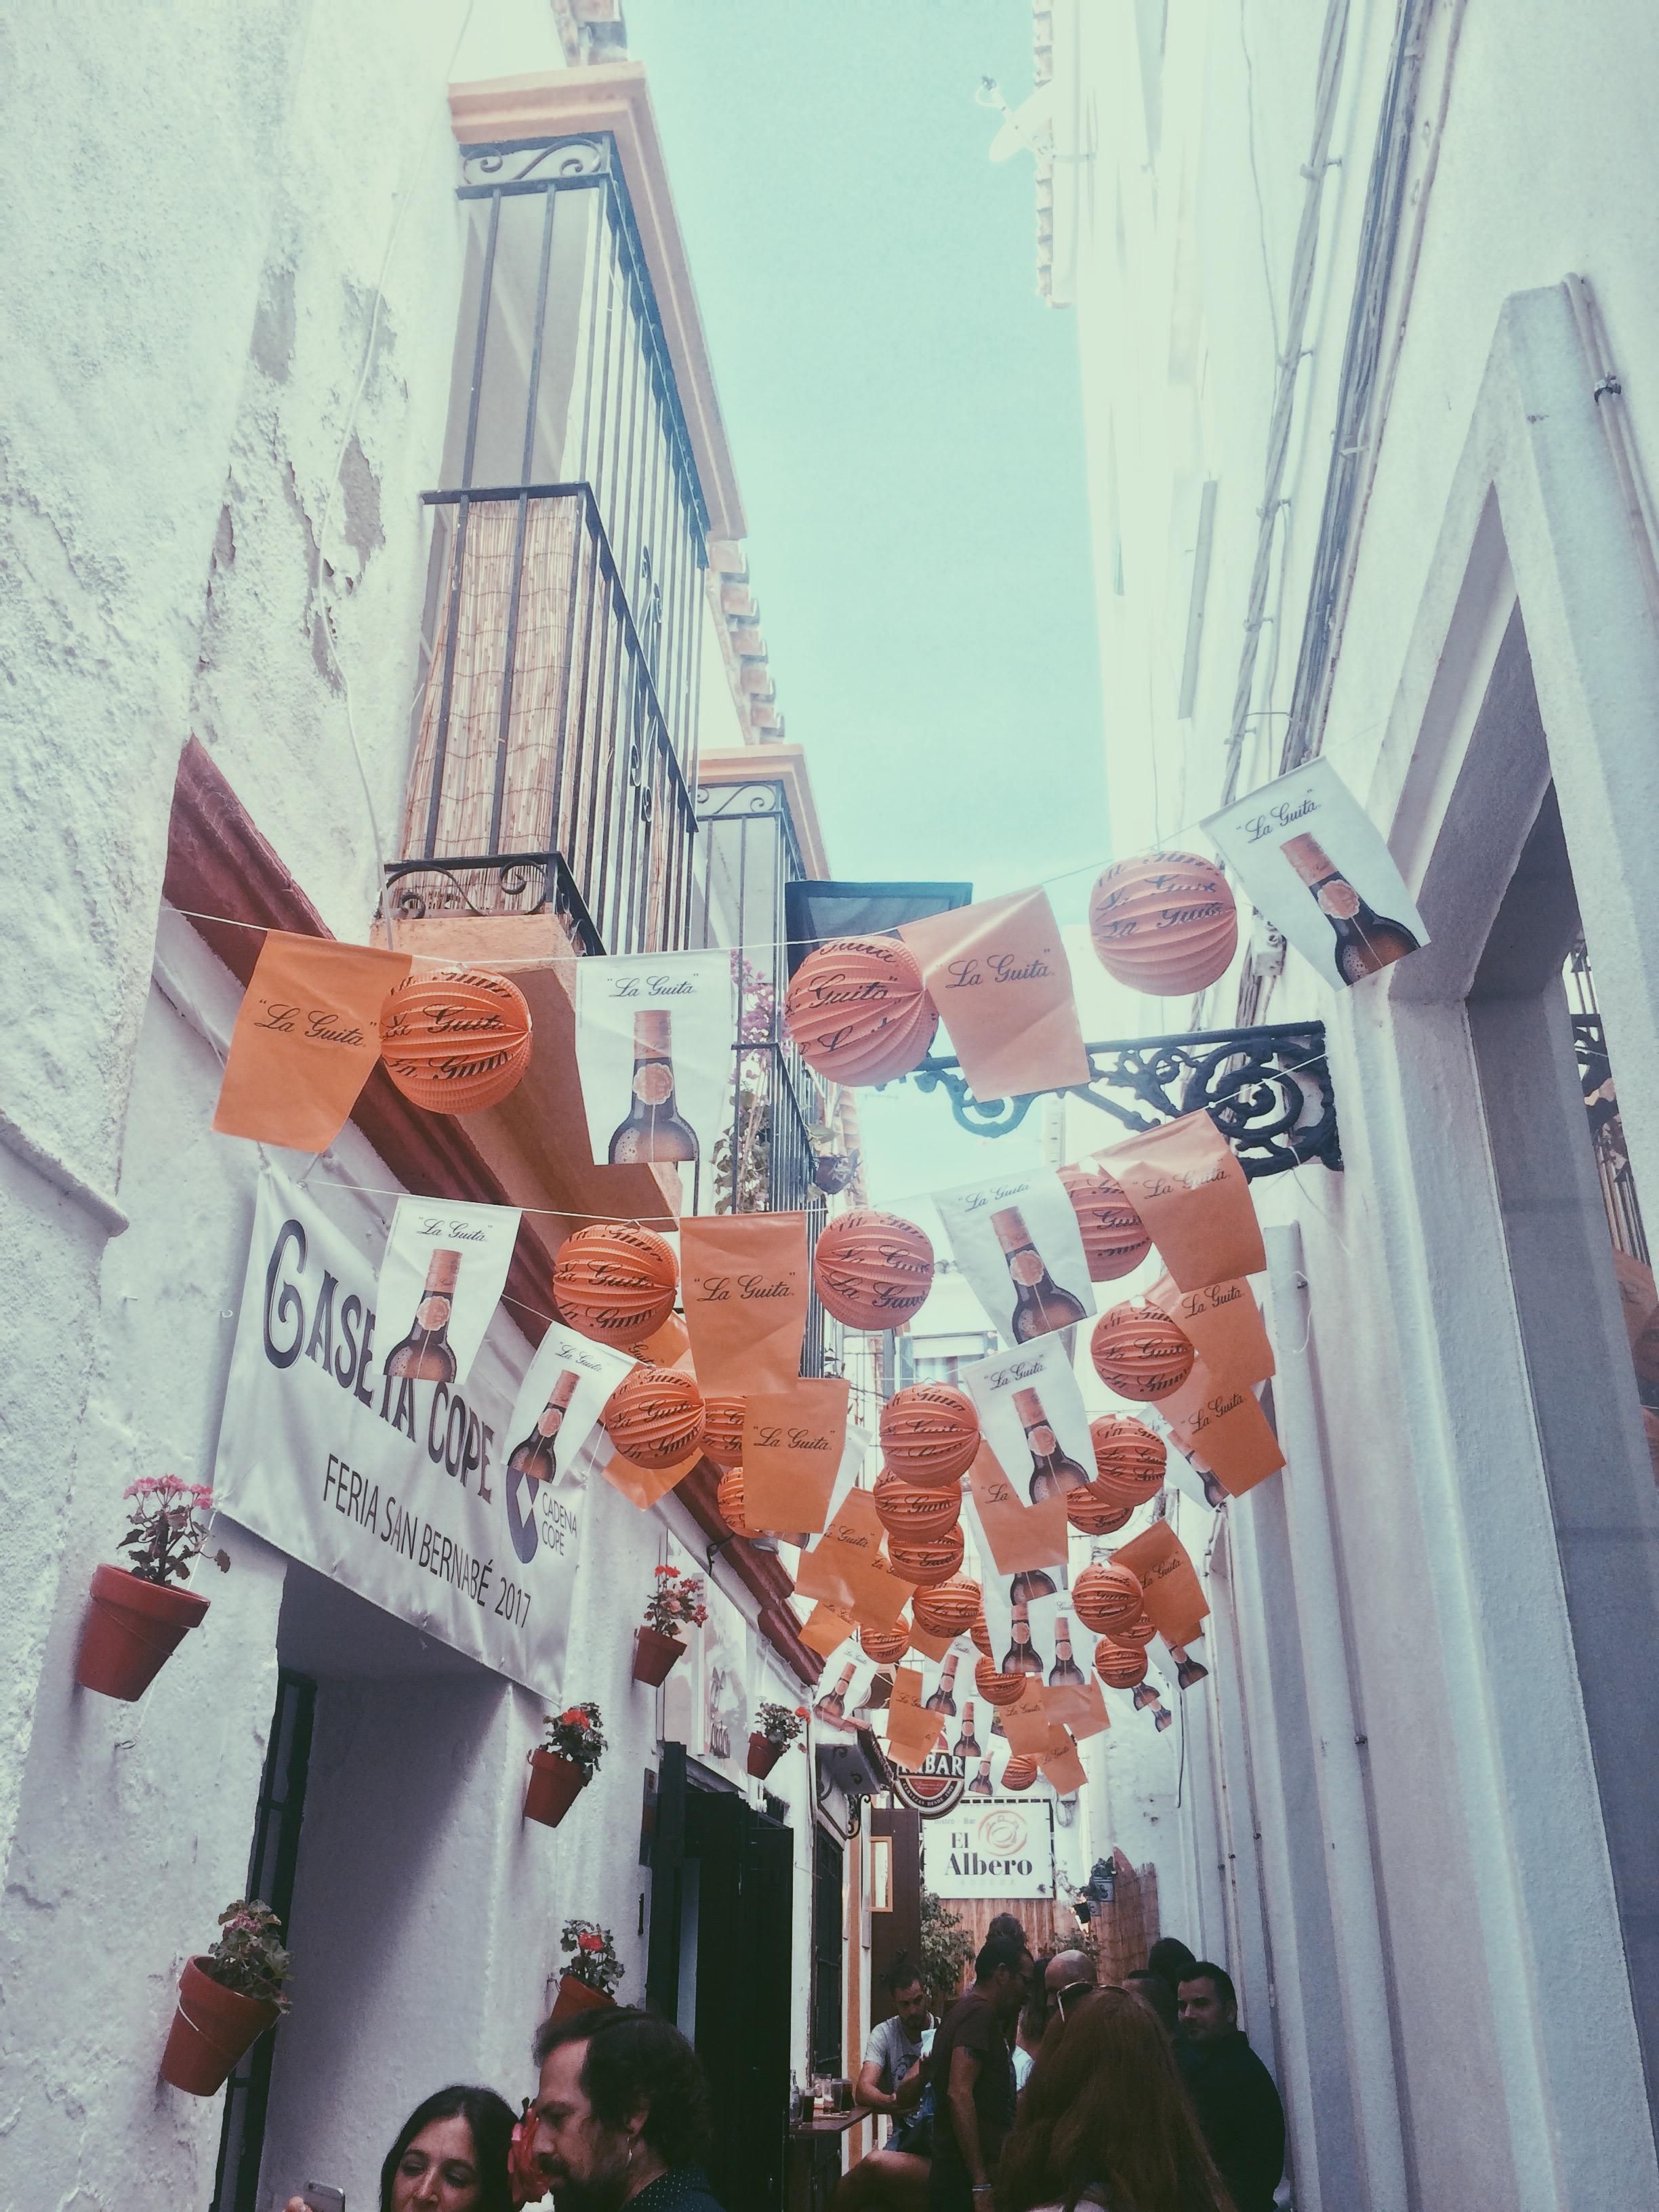 Calle Pantaleón, Marbella, during Fería 2017